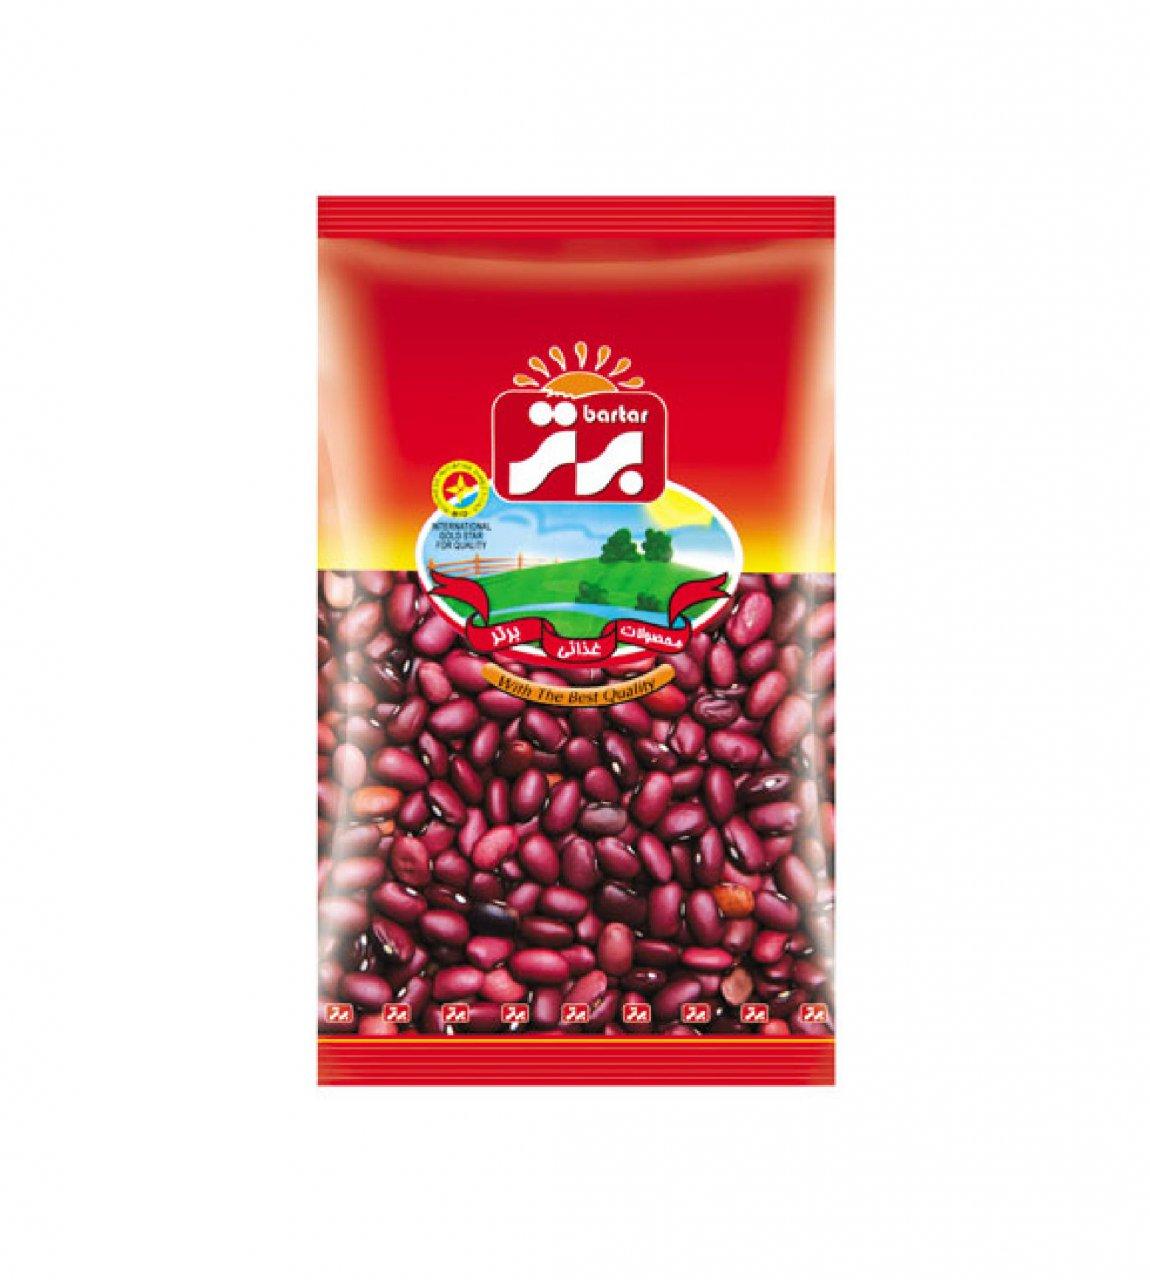 لوبیا قرمز جگری 900 گرم برتر